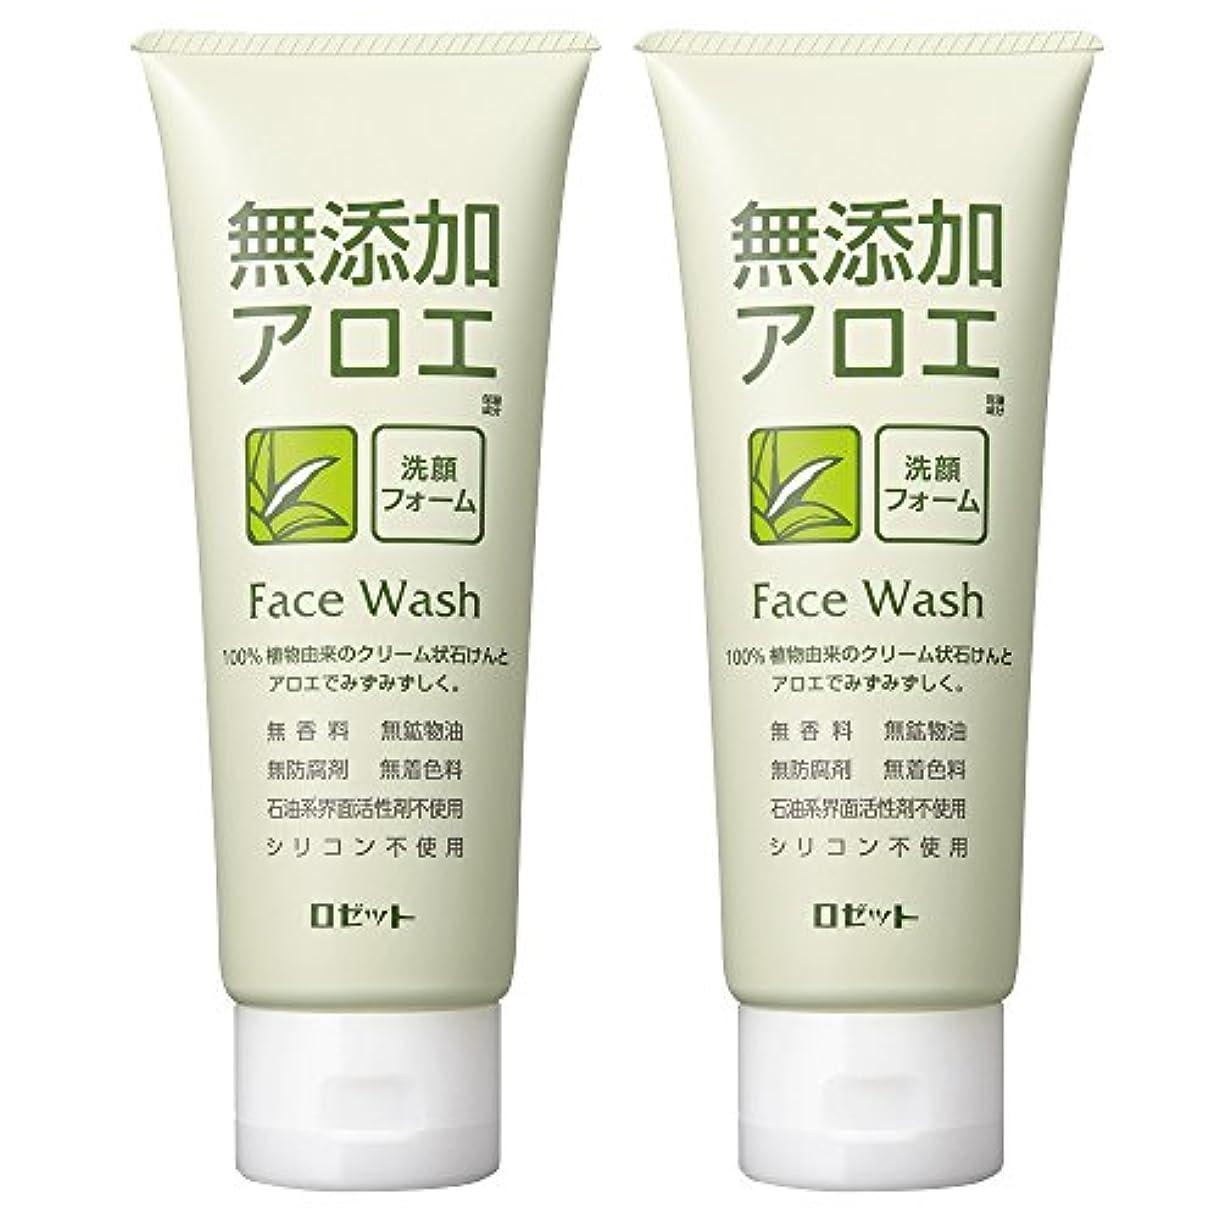 付き添い人差し引くパッチロゼット 無添加アロエ 洗顔フォーム 140g×2個パック AZ